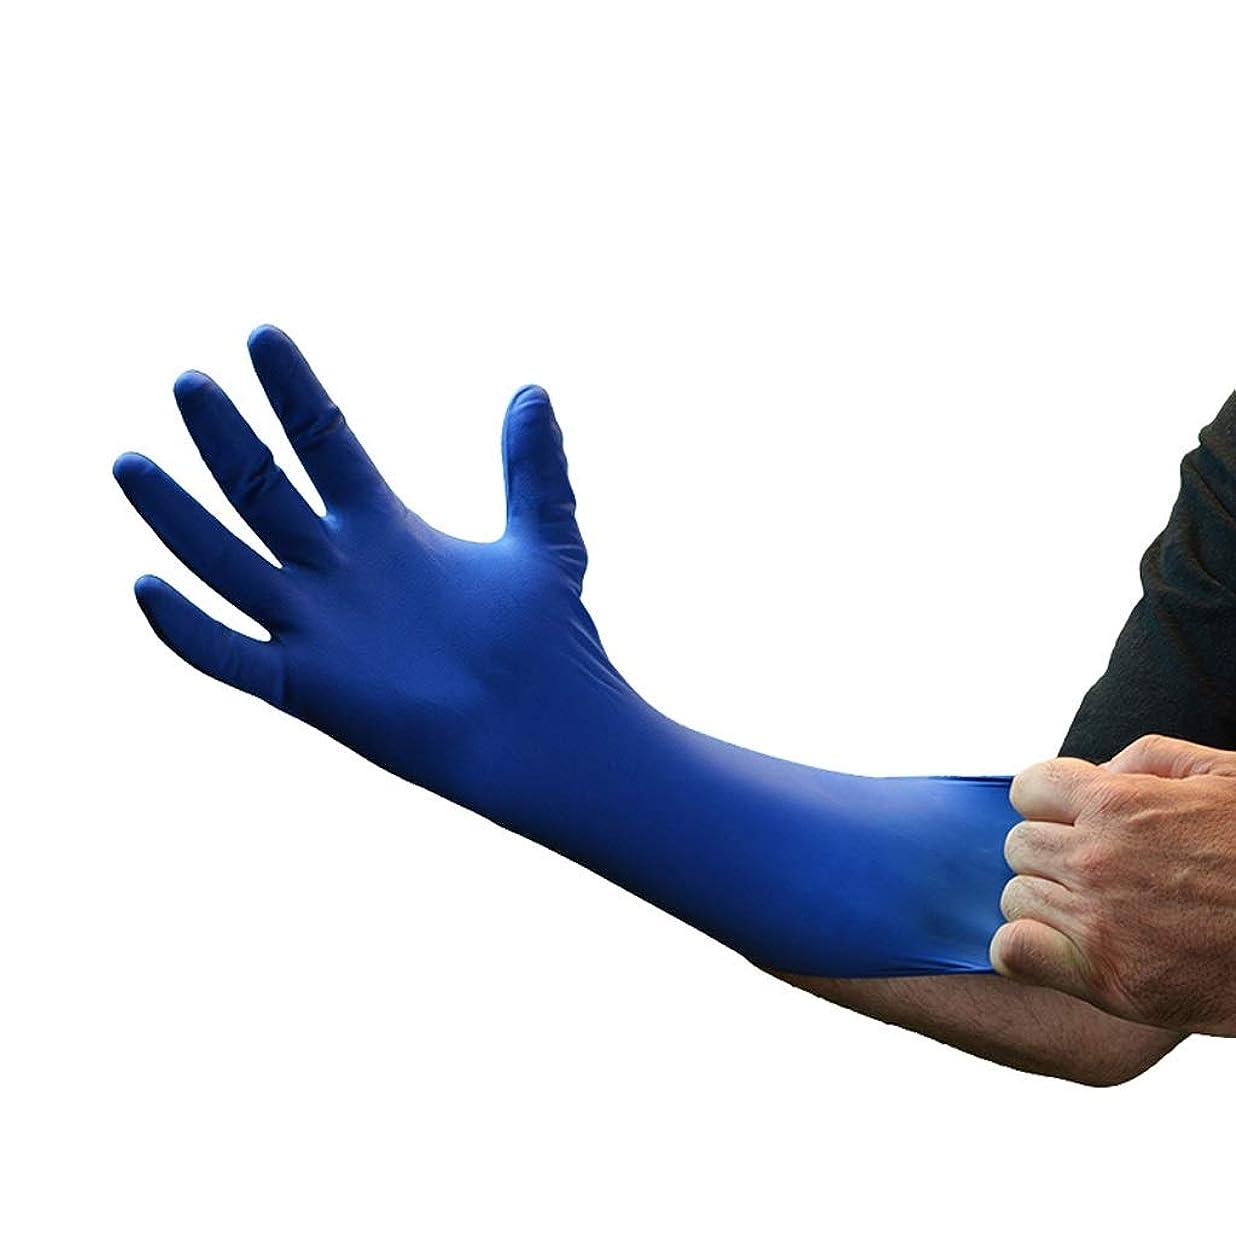 樫の木交じる剥ぎ取る使い捨てニトリル手袋耐久性のあるニトリルダークブルーパウダーフリー厚い実験室耐性溶剤酸とアルカリ YANW (色 : Dark blue, サイズ さいず : Xl xl)